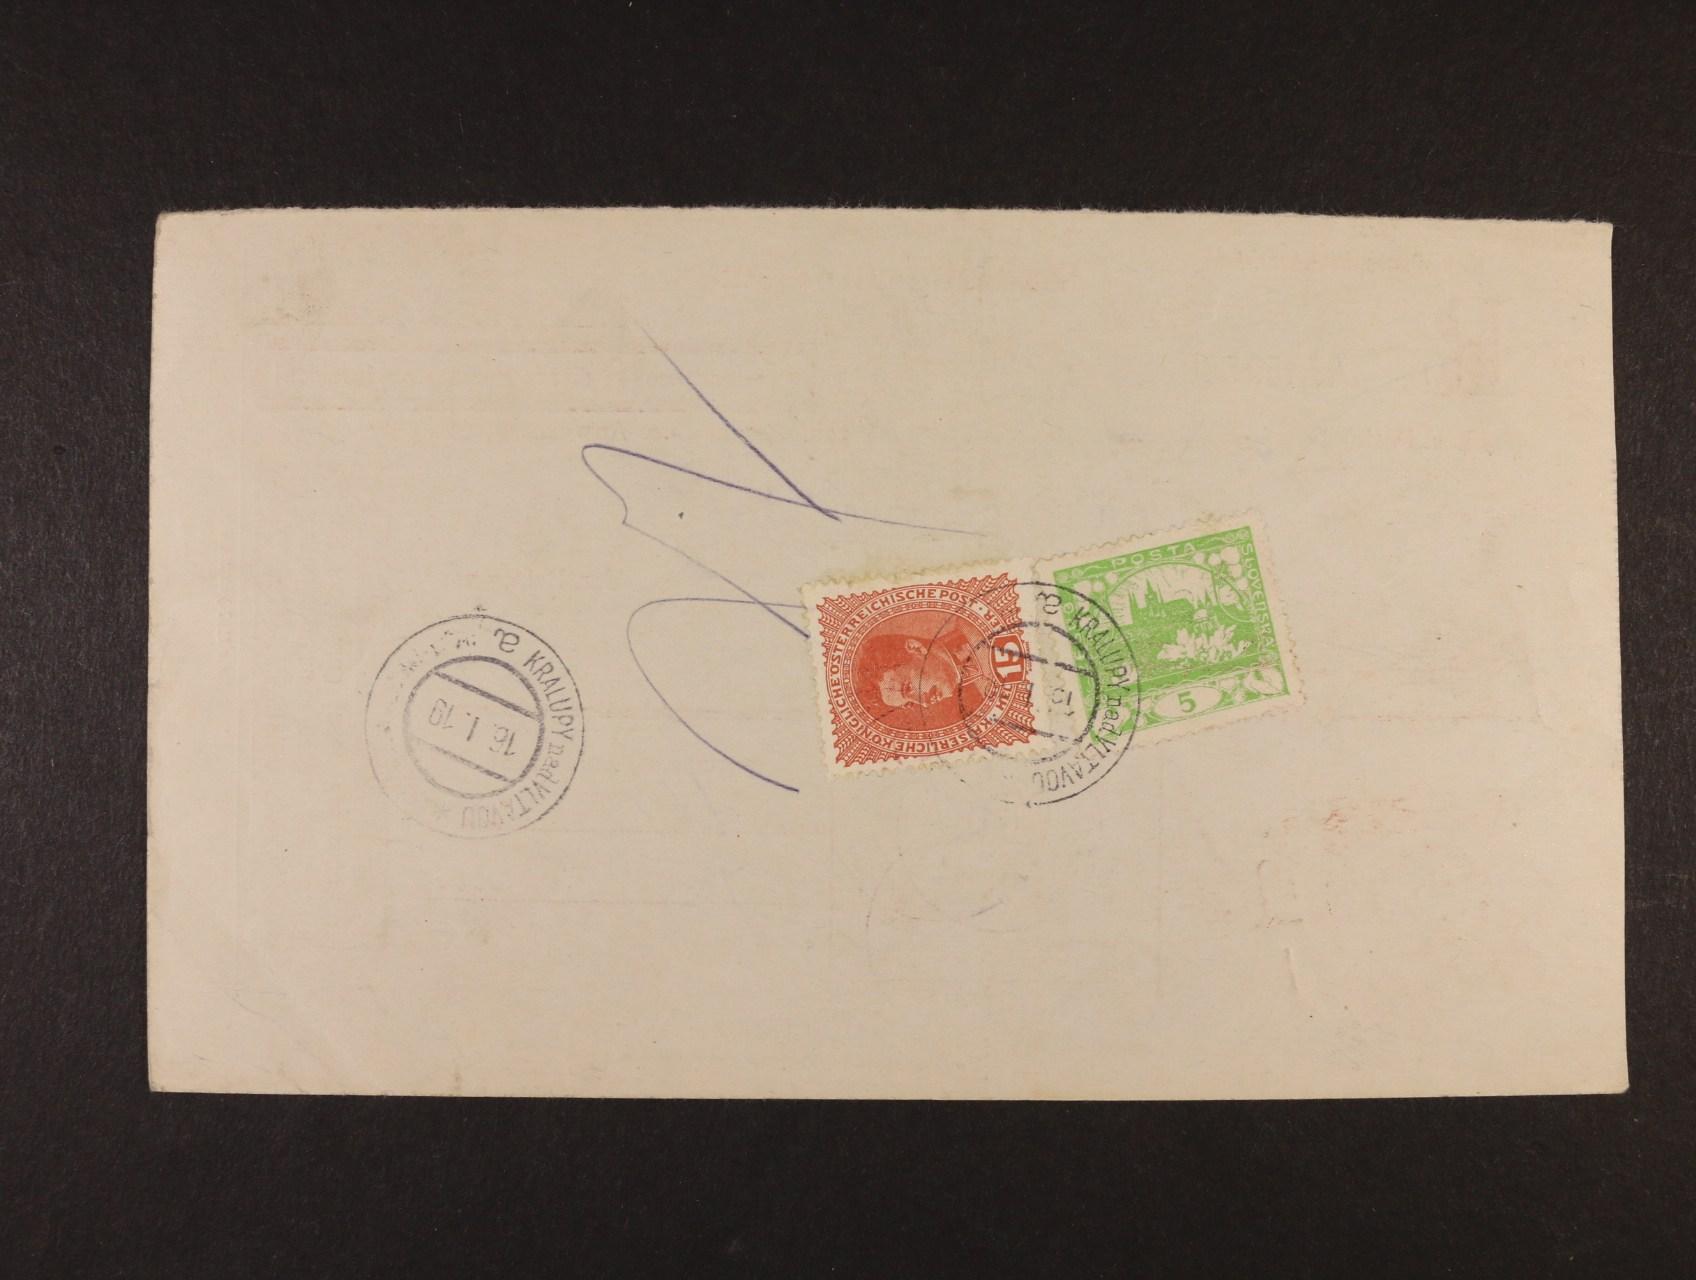 poštovní průvodka poštovní spořitelny Wien zaslaná na pošt. úřad Kralupy nad Vltavou, poštovné ve výši 20h vyplaceno zn. Mi. č. 221 a zn. Hradčany 5h č. 3 D, znehodnoc. raz. KRALUPY NAD VLTAVOU 16.1.1919